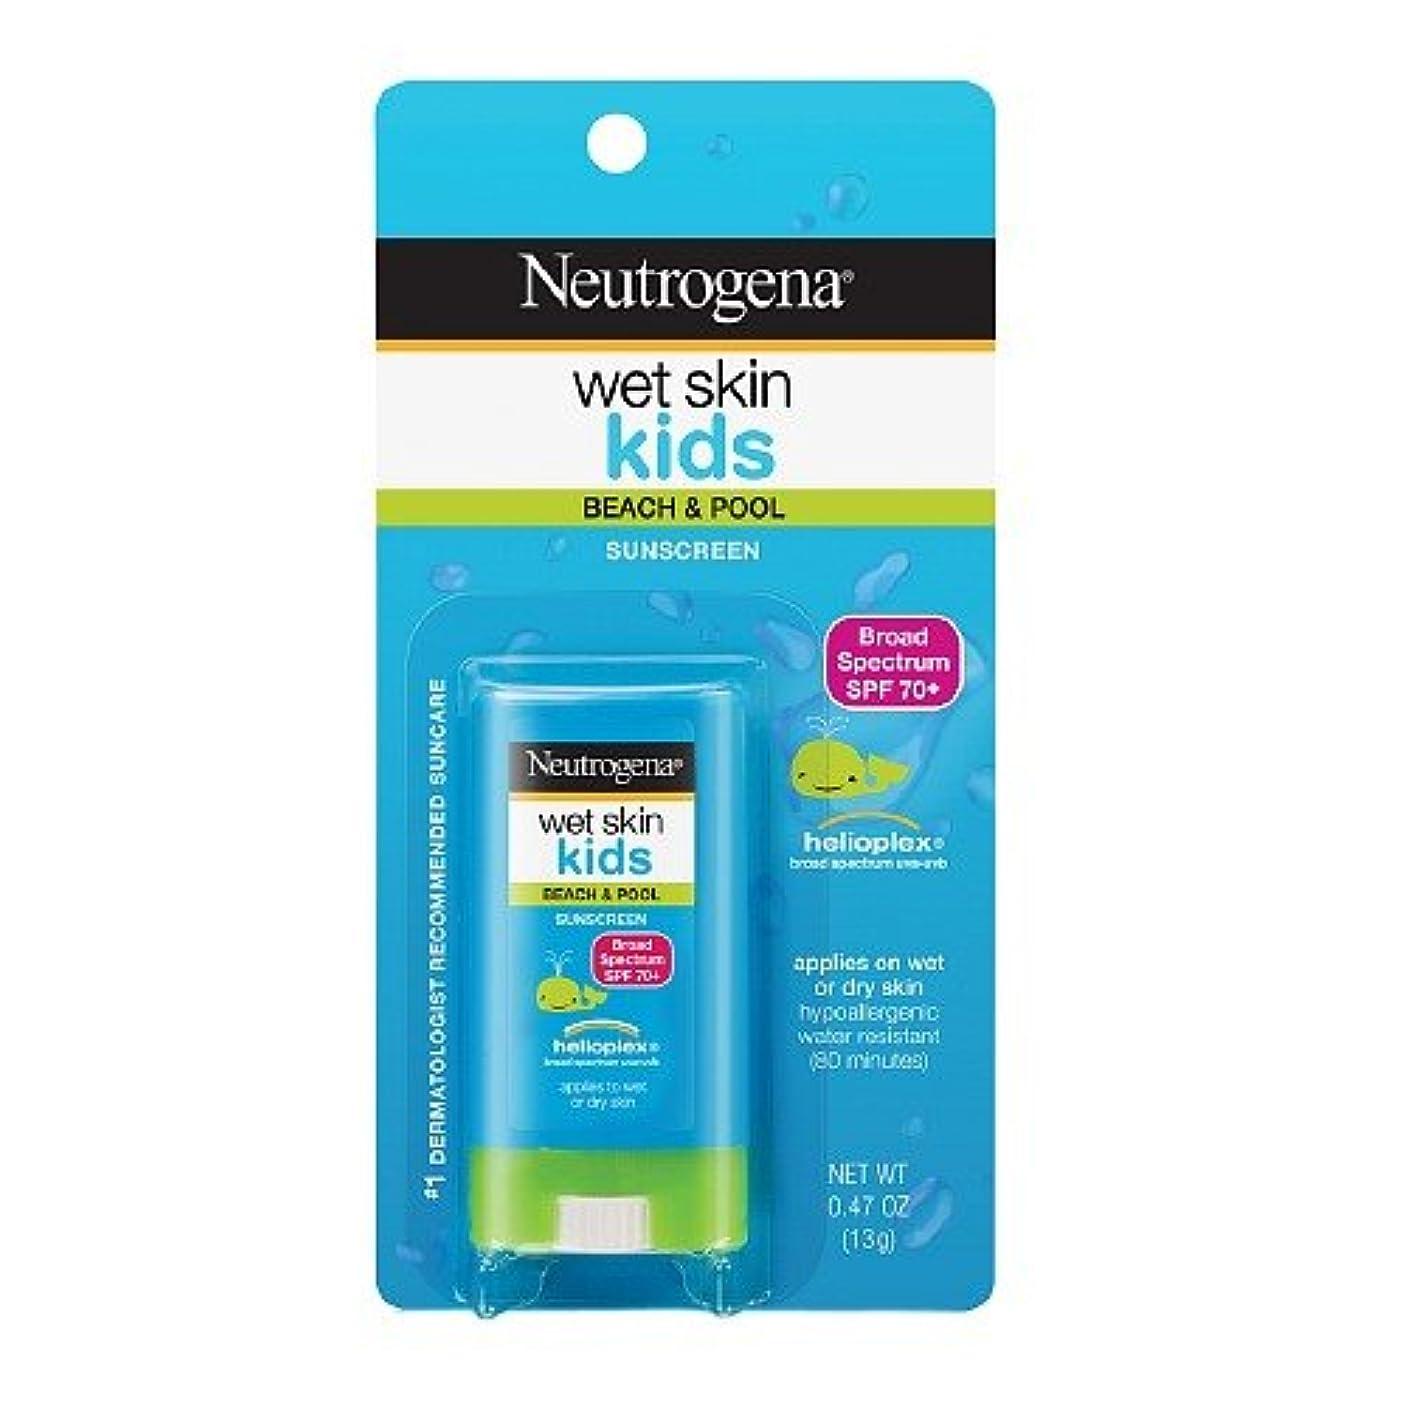 狂気中止します抵抗力があるNeutrogena ニュートロジーナオイル無ウェットスキンキッズ日焼け止めスティック SPF70 13g 並行輸入品